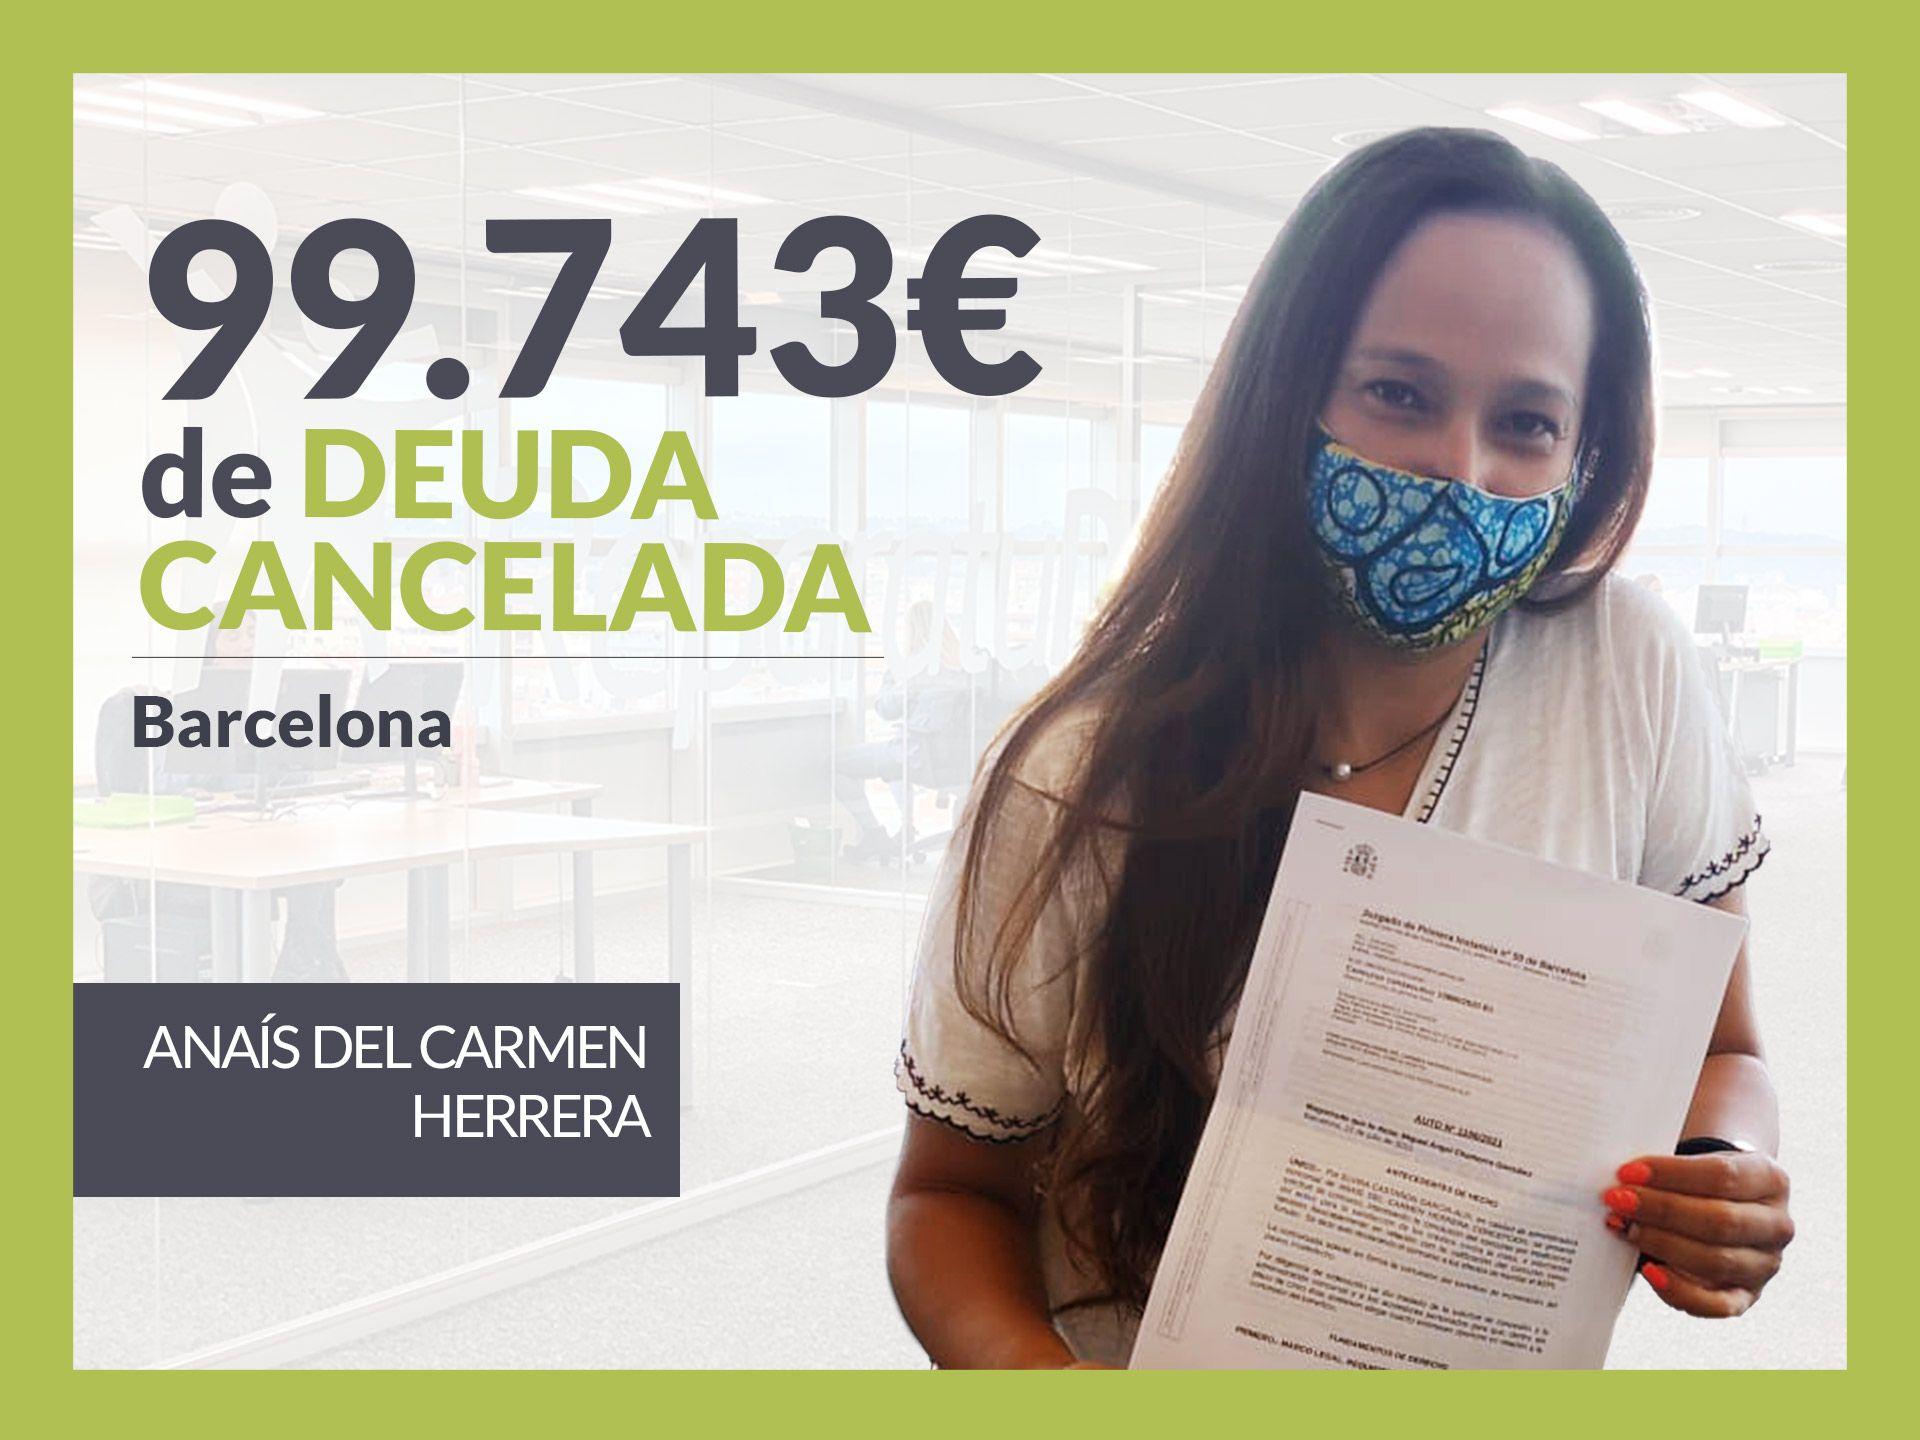 Repara tu Deuda Abogados cancela 99.743 ? en Barcelona (Catalunya) con la Ley de Segunda Oportunidad